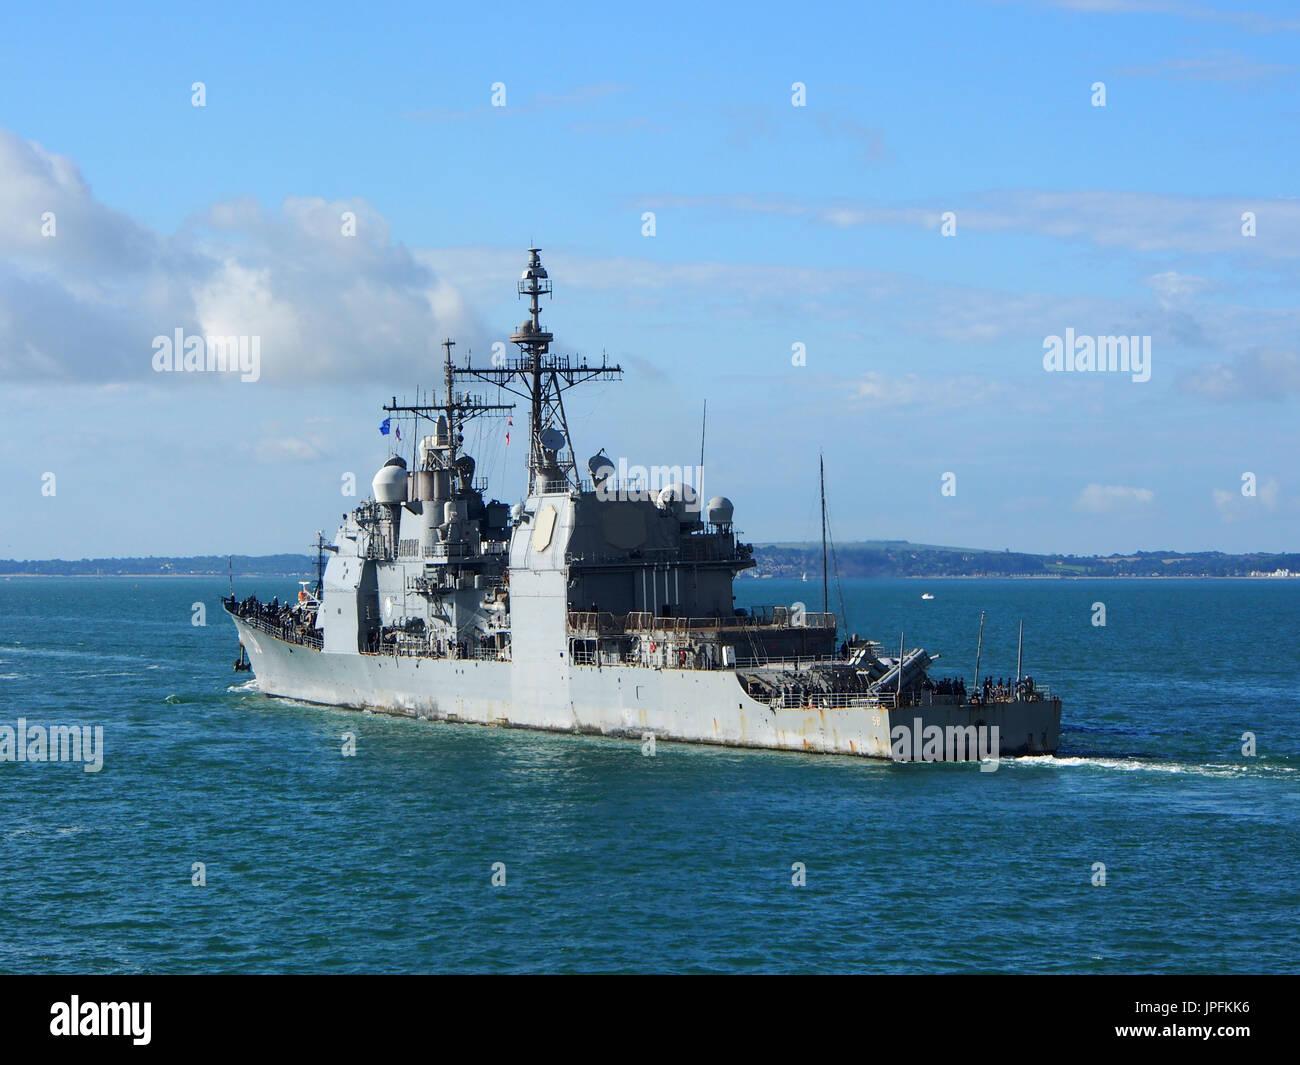 Portsmouth, Hampshire, Reino Unido. Desde el 01 de agosto, 2017. El USS mar Filipino, CG-58, un vuelo de II clase Ticonderoga crucero de misiles guiados, deja el puerto de Portsmouth después de una larga semana de visita junto con otros barcos que participan en la operación inherentes a resolver, la Coalición Mundial de lucha contra el ISIS. Crédito: Simon evans/Alamy Live News Foto de stock